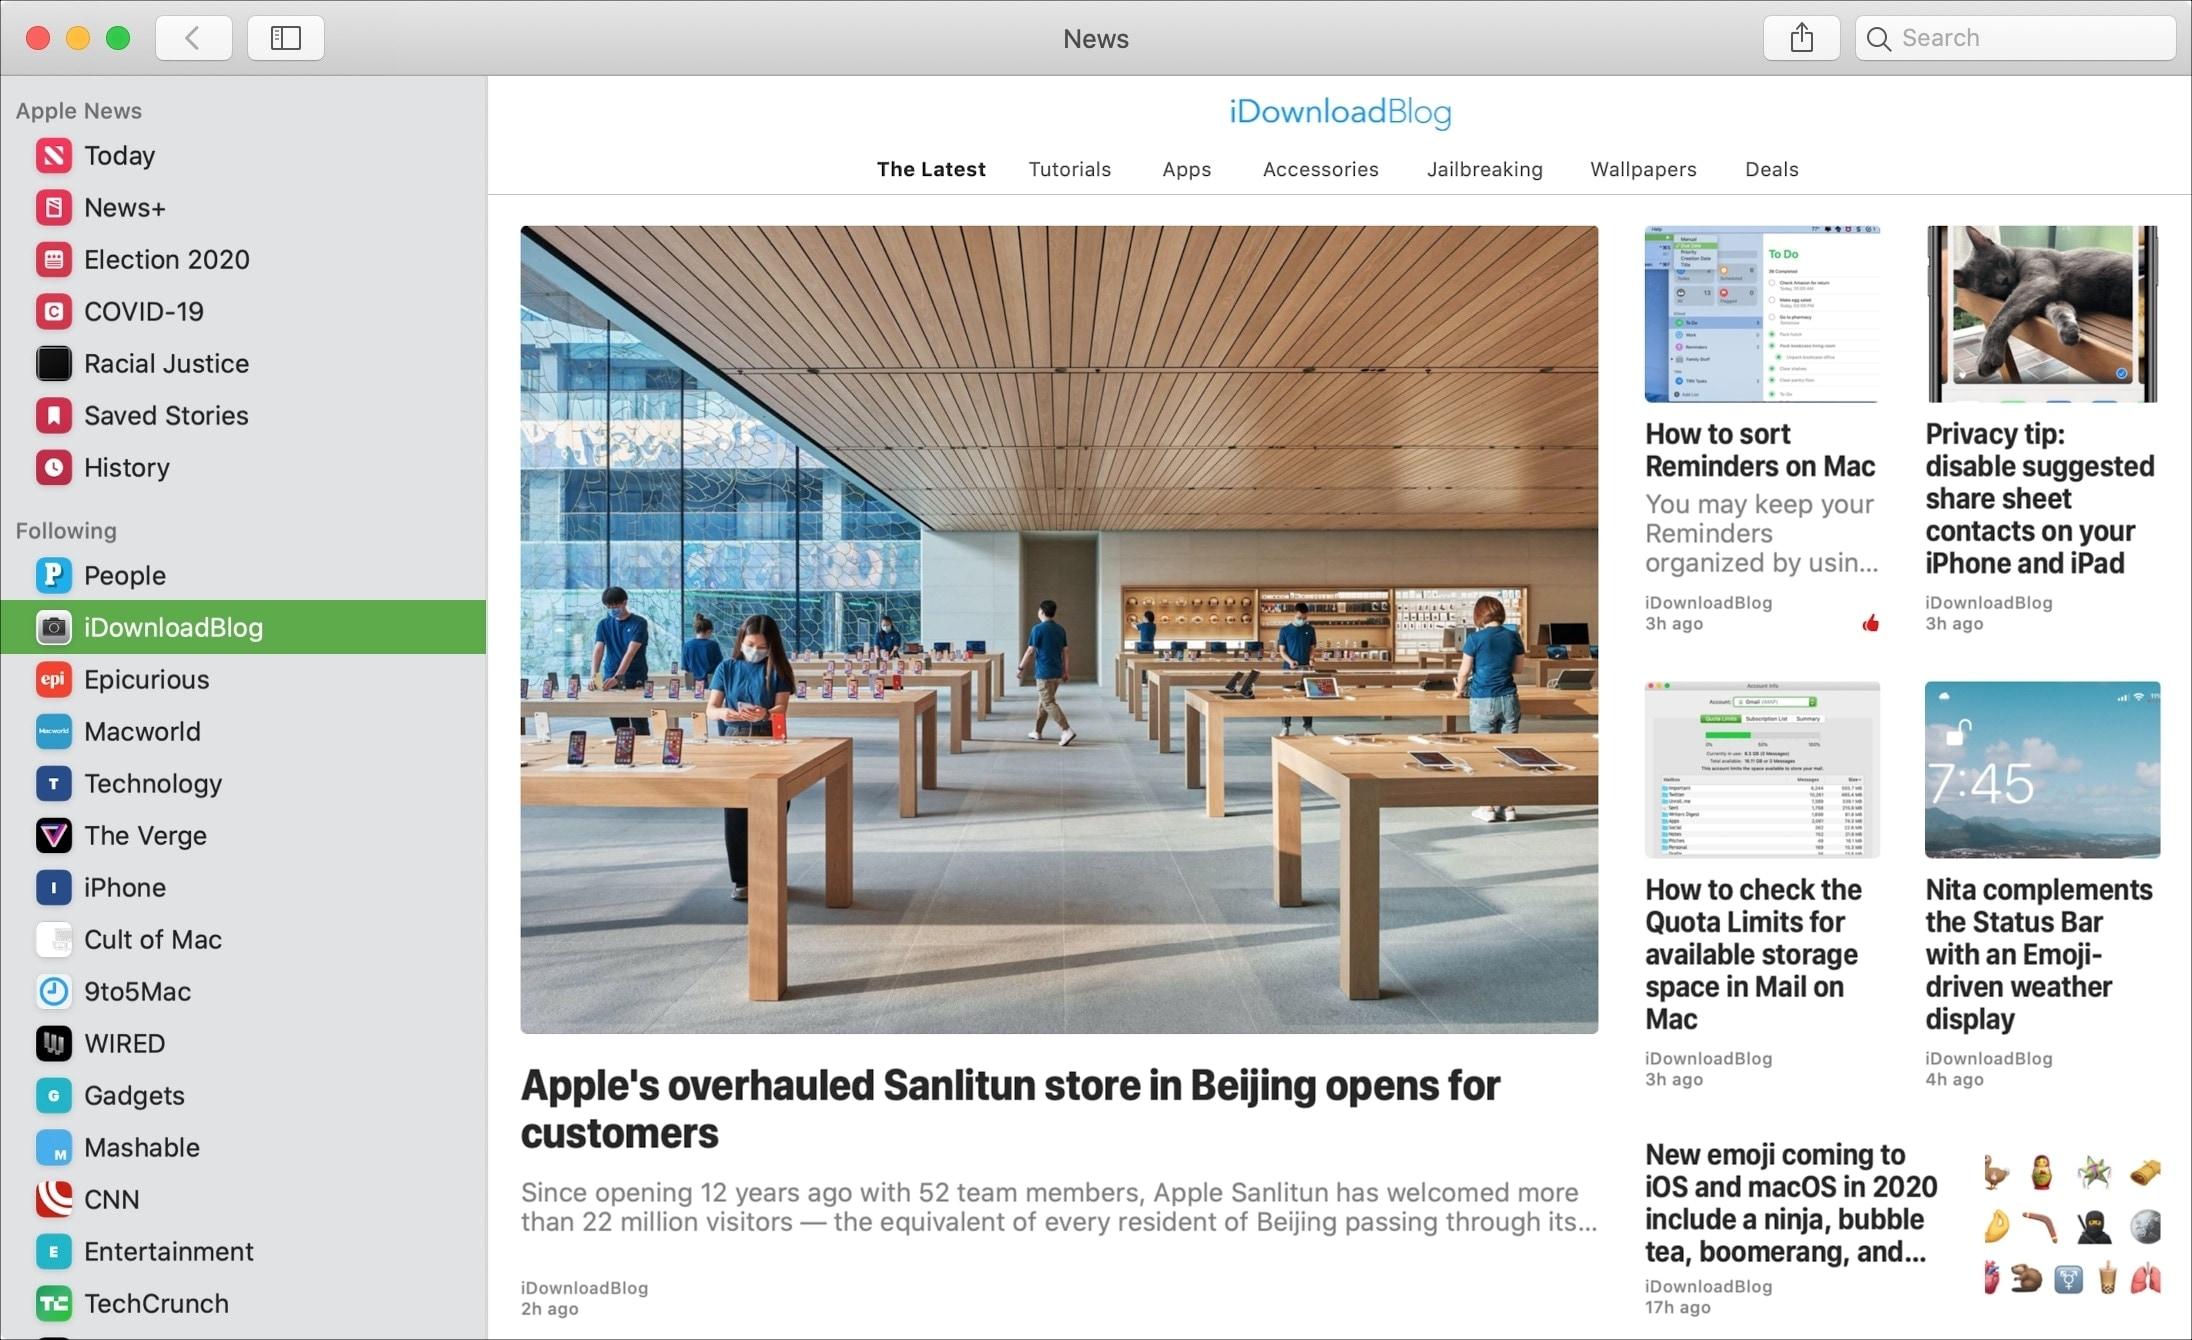 News App on Mac iDB Channel